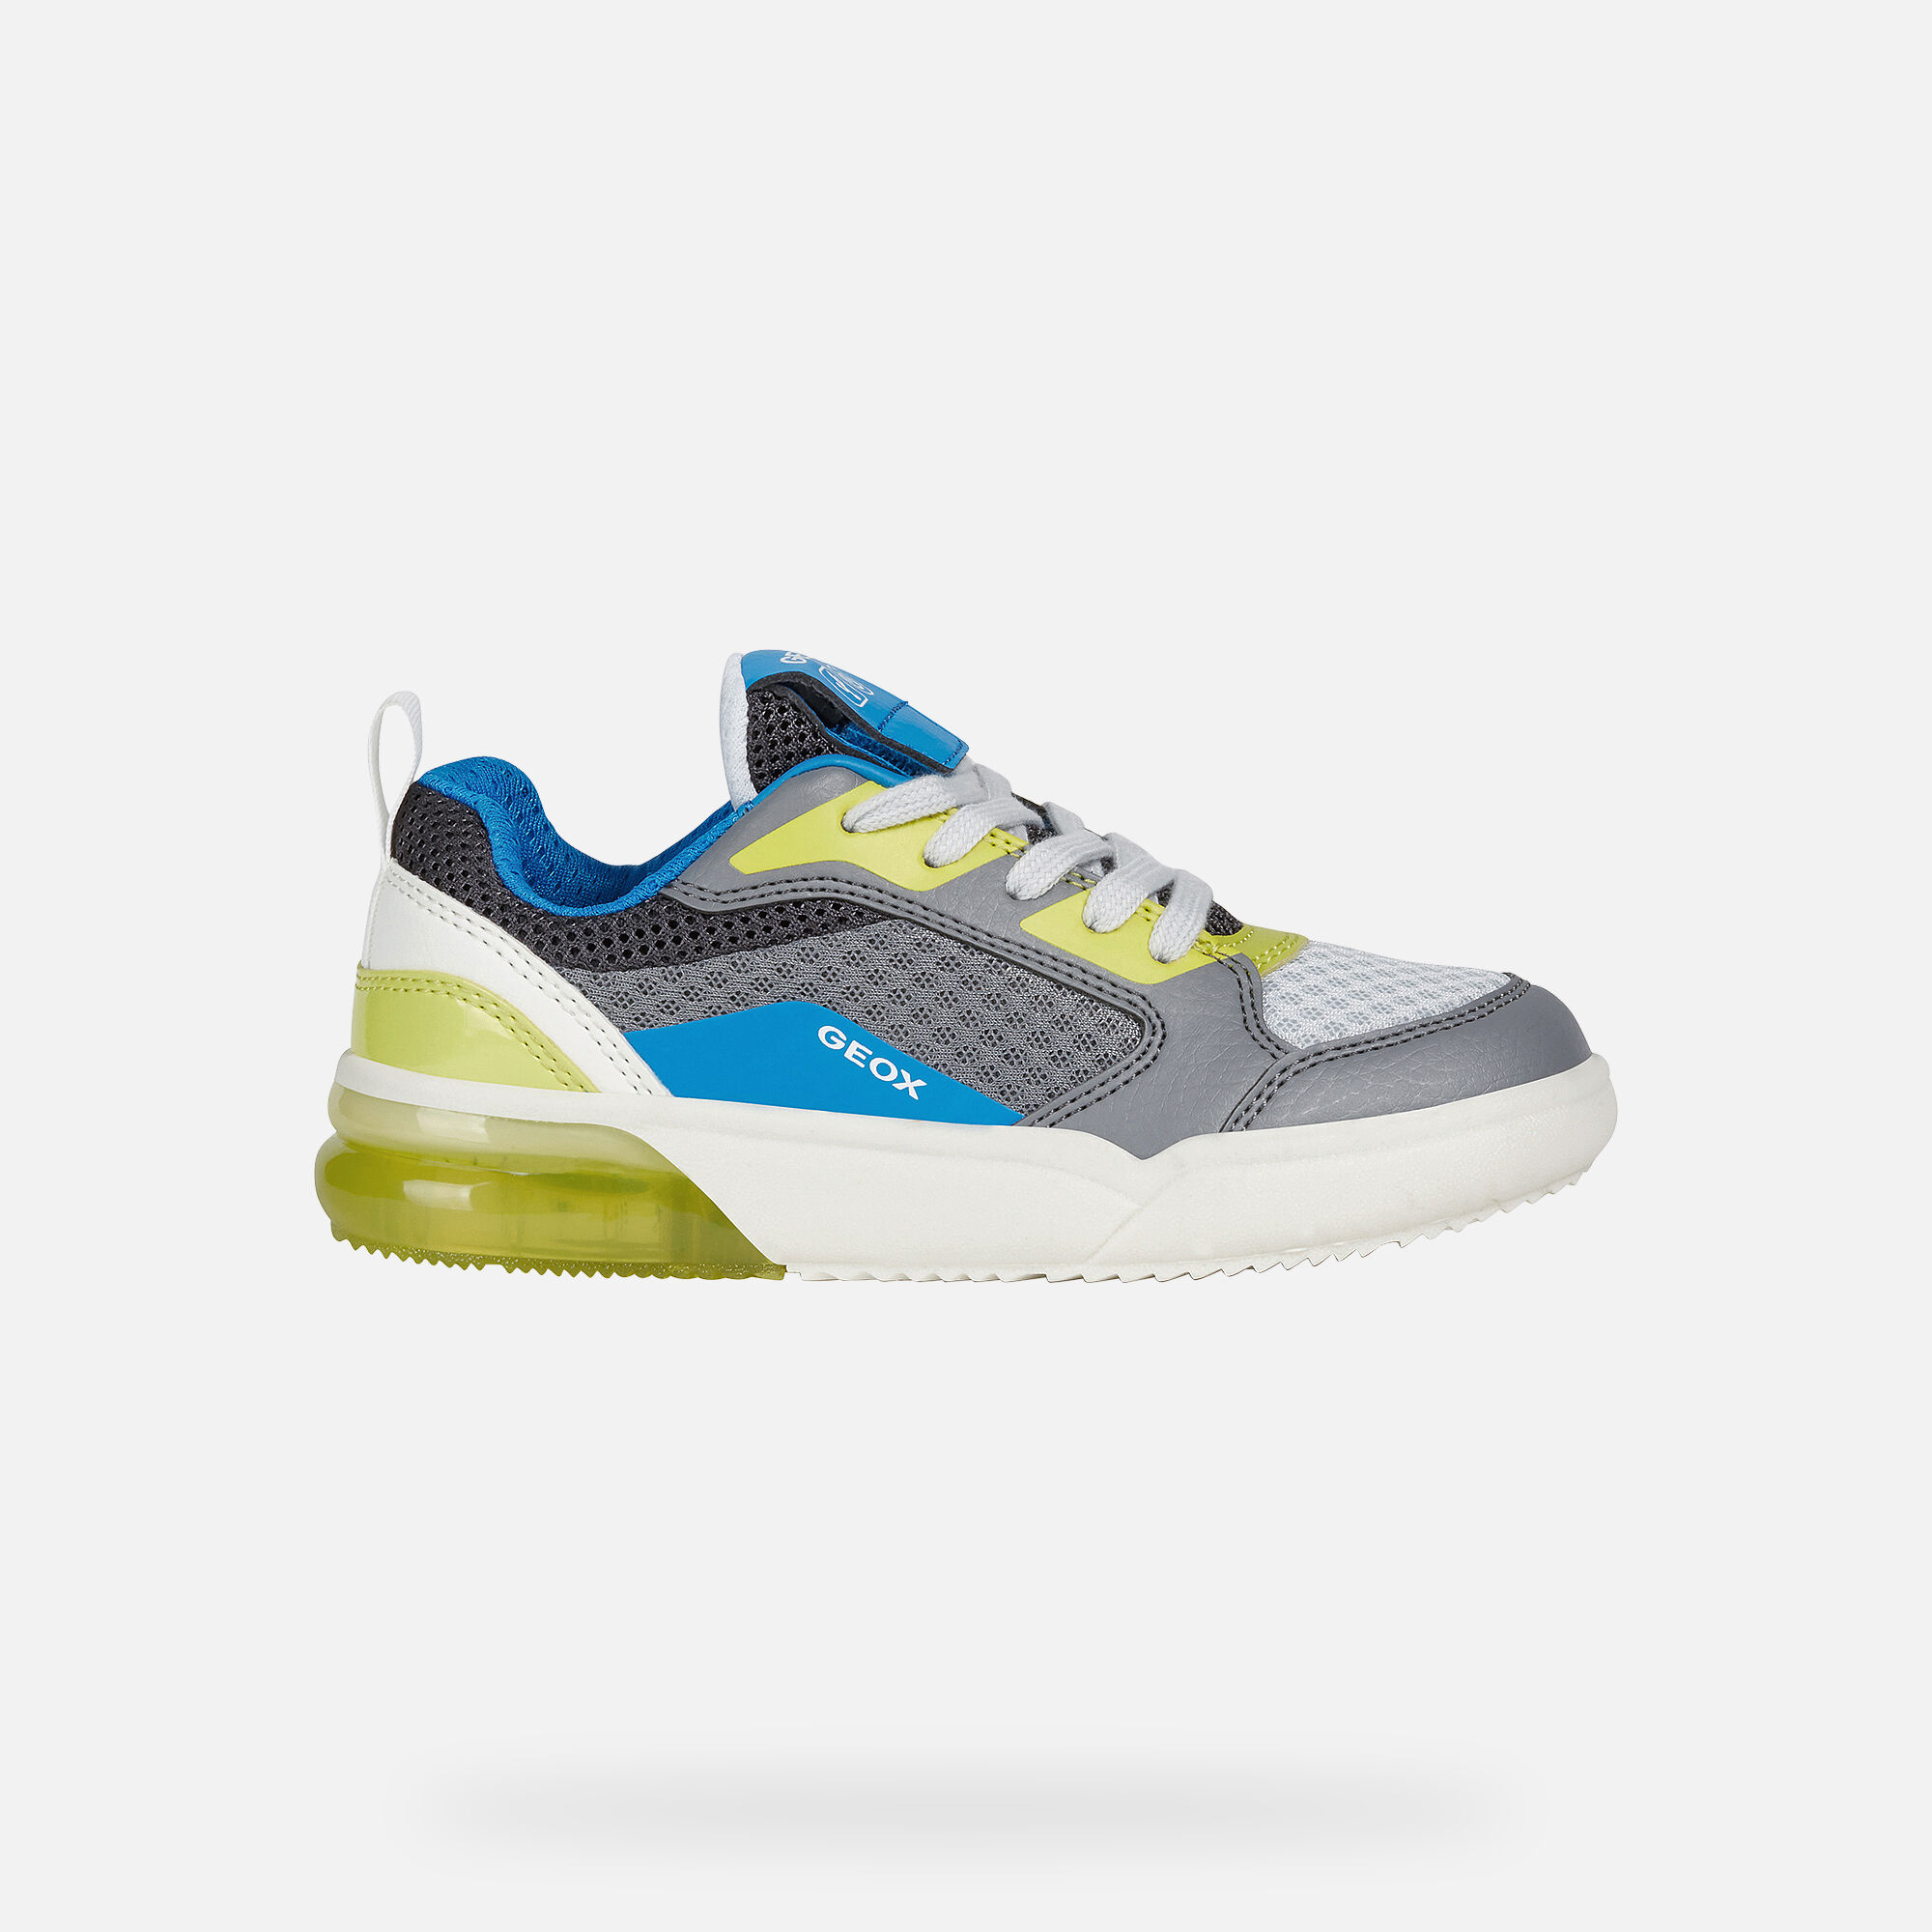 Sneaker Xled blu e gialla con luci Bambino GEOX | L'Angolo